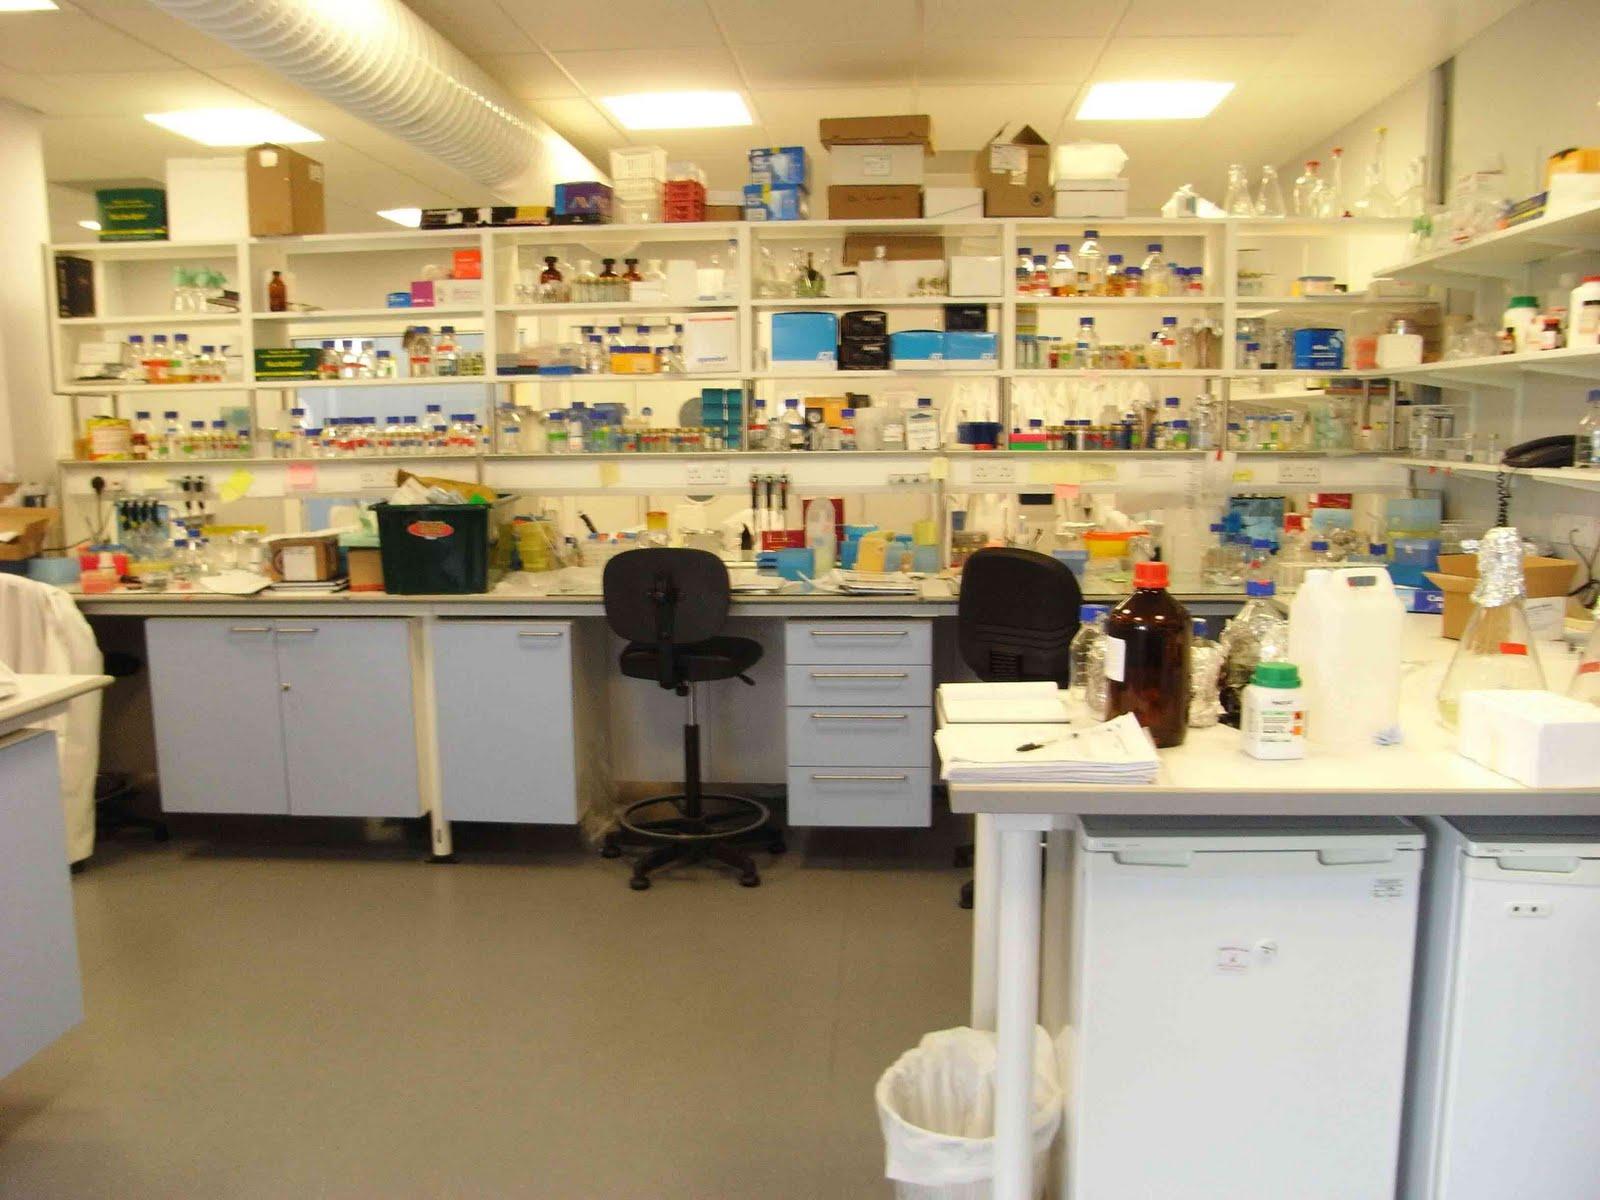 Temsili bir laboratuvar. İçerideki hayat çok ama çok rutin. Hayır, kimse T-Virus geliştirmiyor ama geliştirse bile bu rutinlikten kurtulamaz. Özetle tüm Gezi süreci şahsım tarafından böyle bir yerde takip edildi.